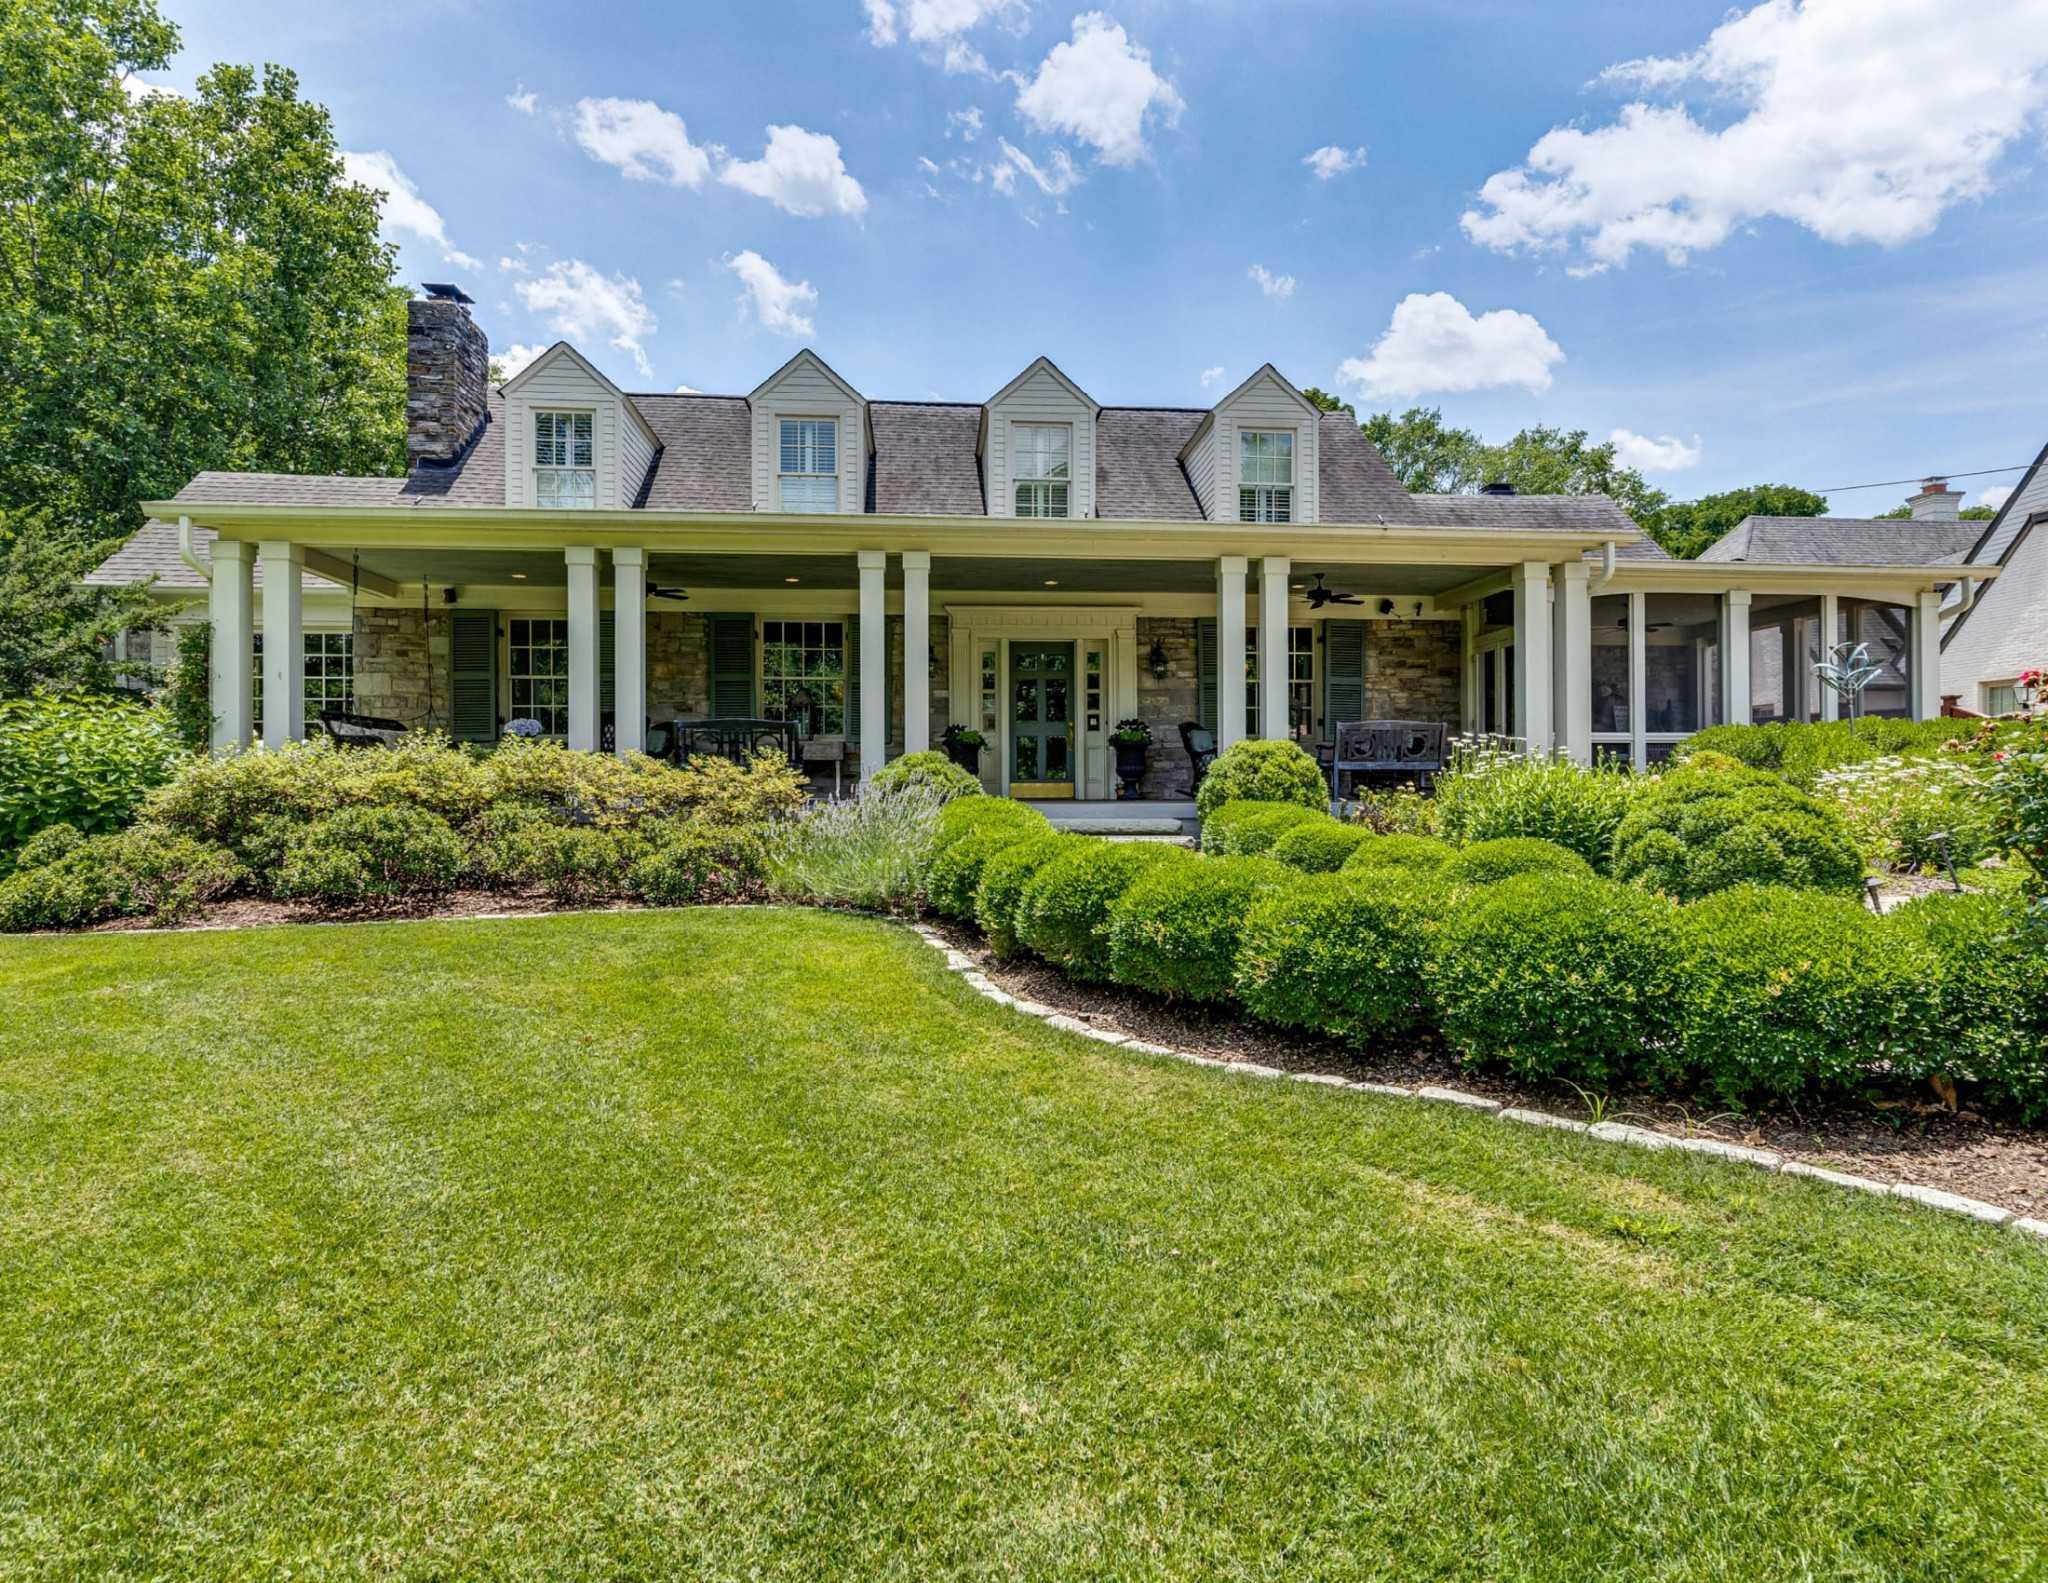 $3,650,000 - 6Br/6Ba -  for Sale in Green Hills, Nashville